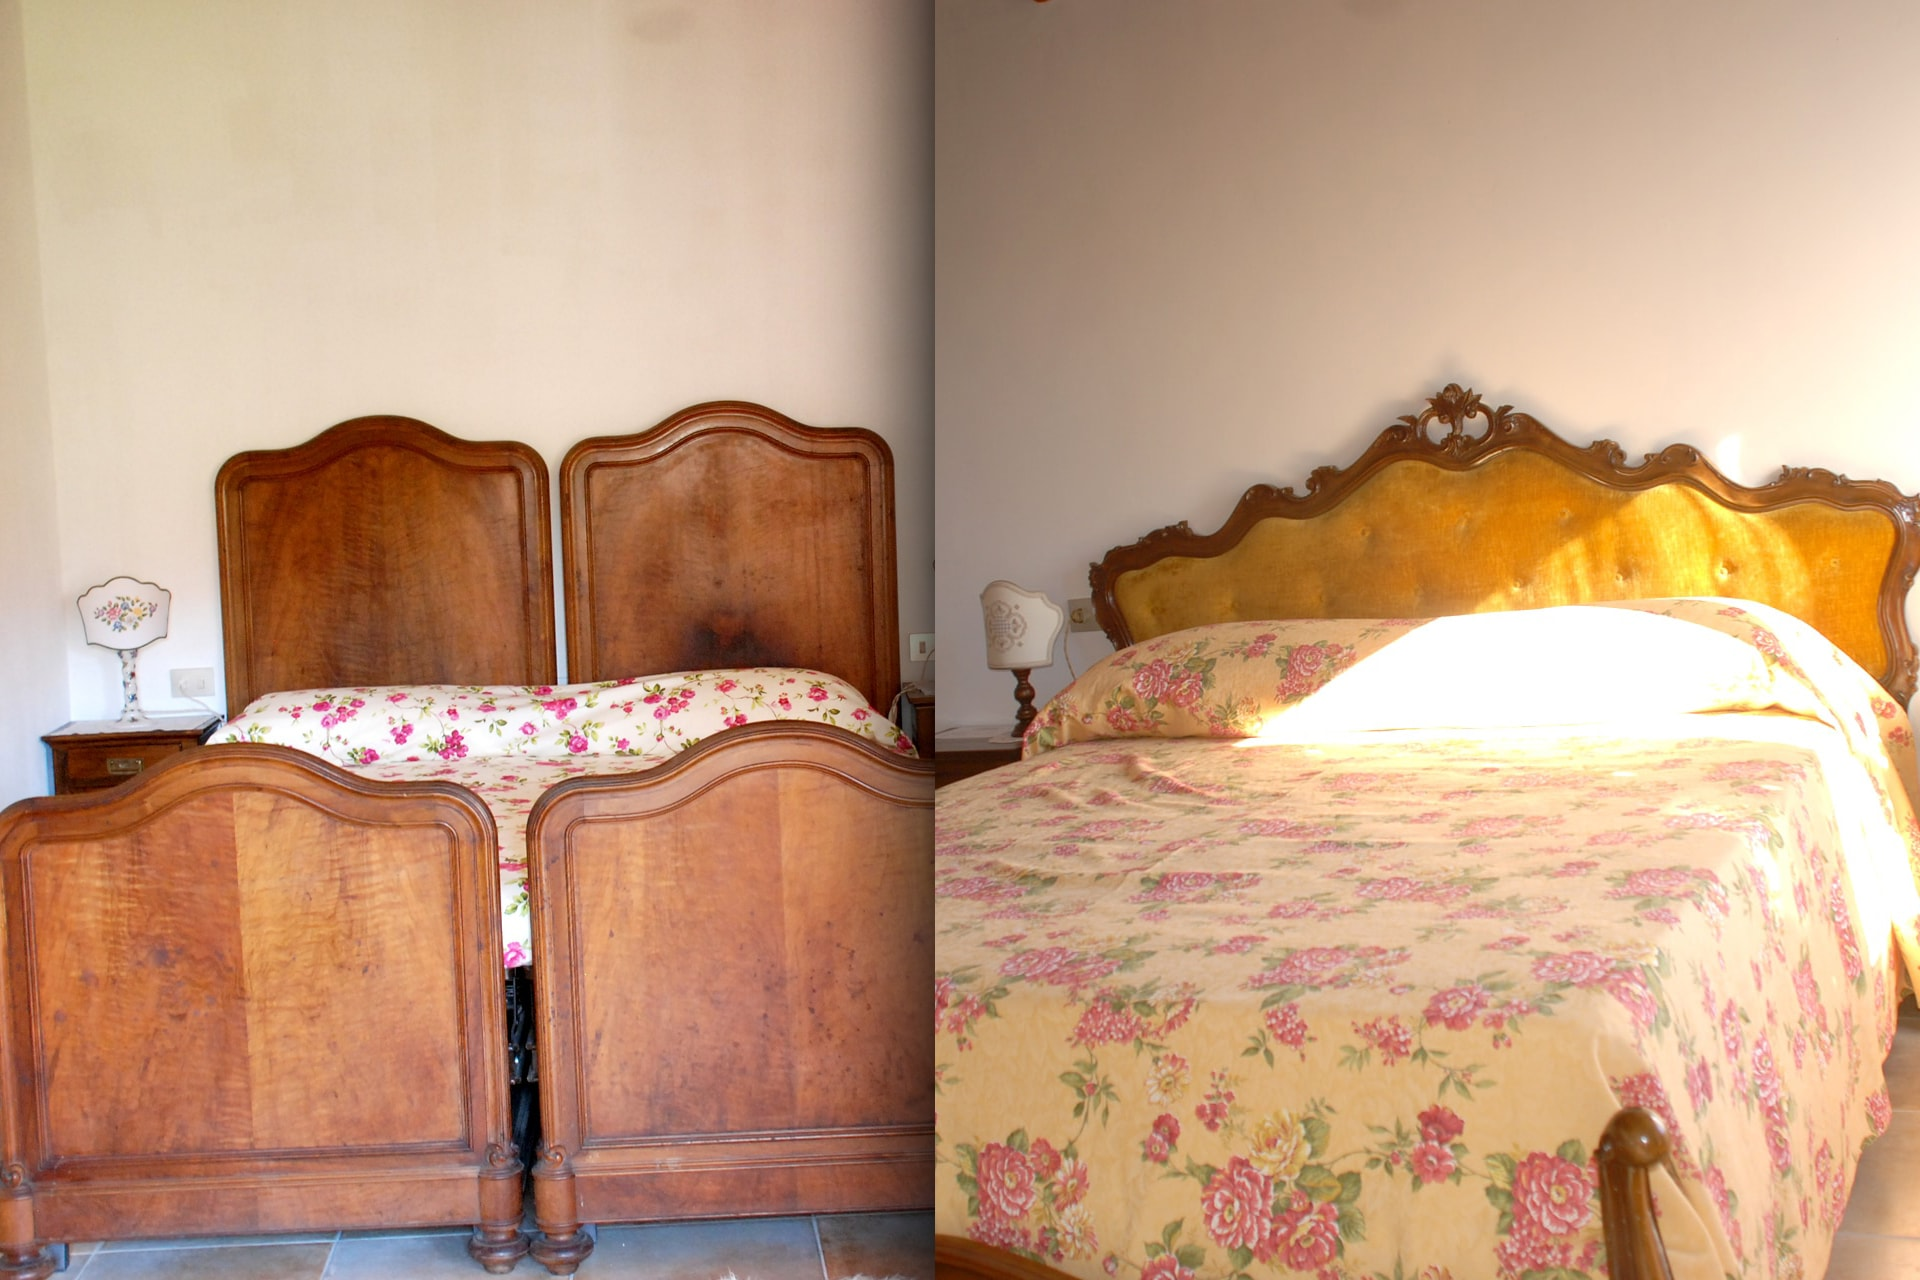 Dormi a Gubbio - agrilevolte